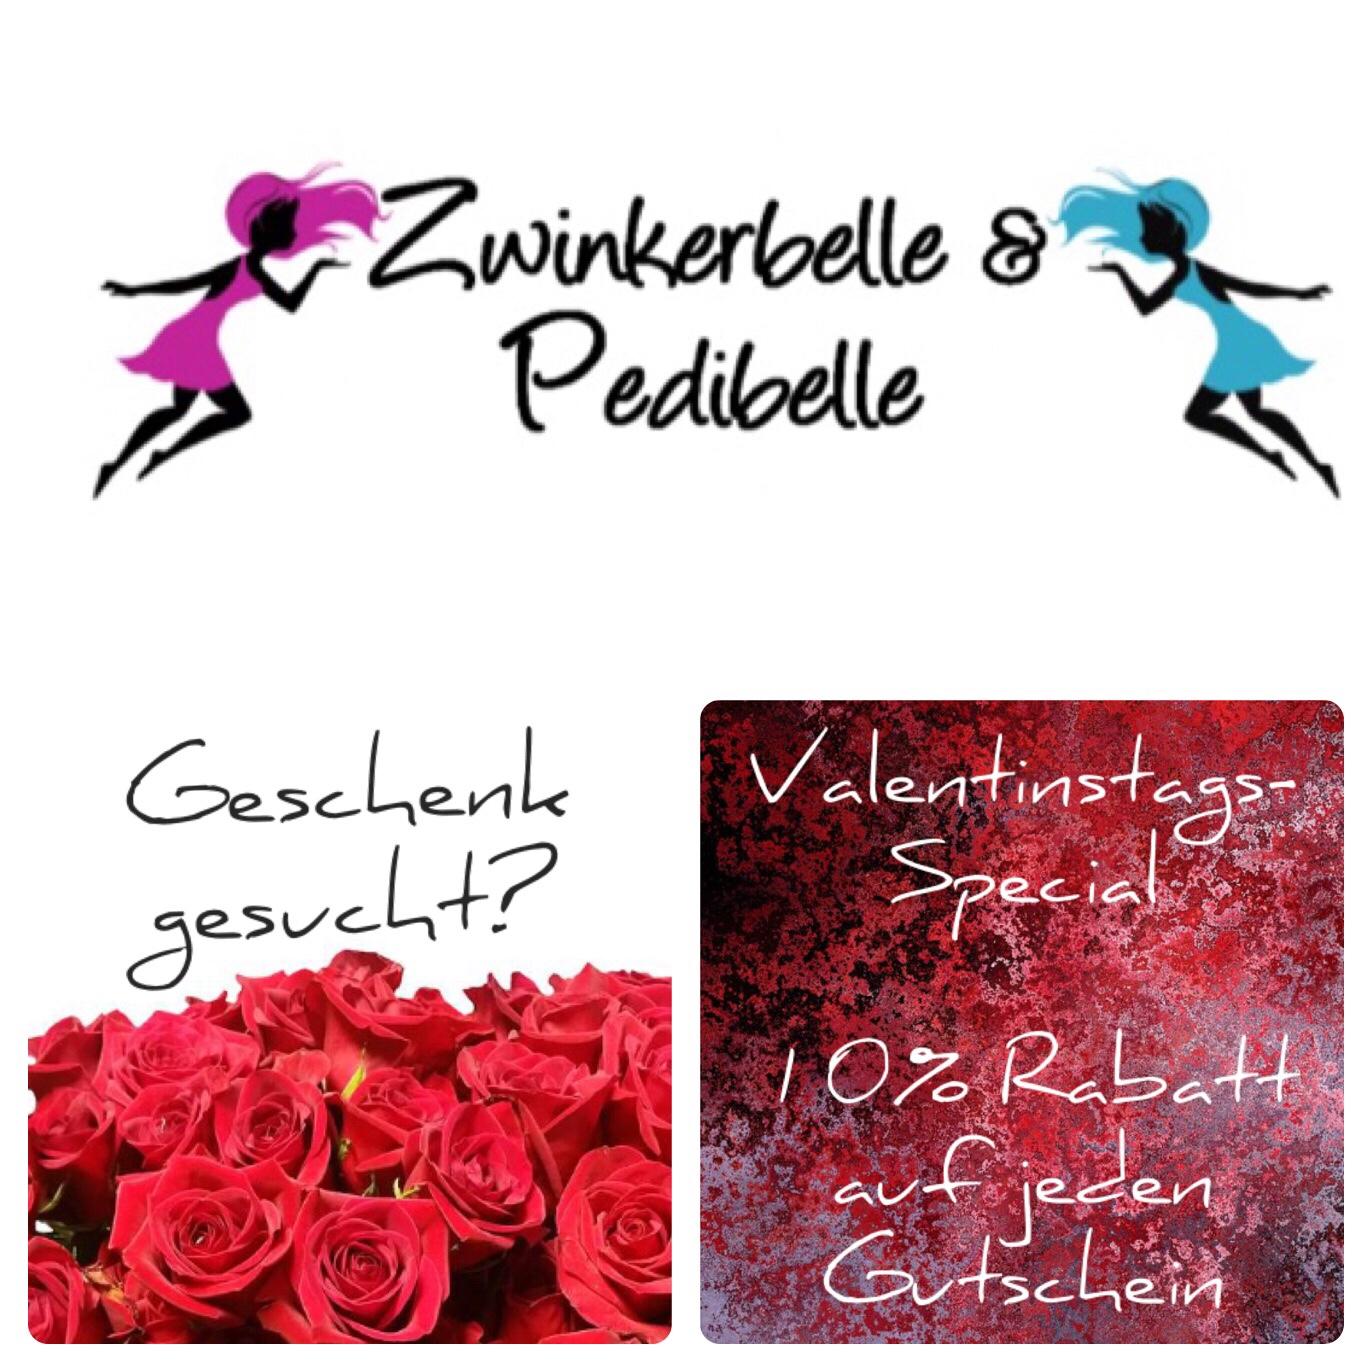 Du Suchst Ein Geschenk Für Dein Herzblatt Zum Valentinstag? Ein  Beauty Gutschein Ist Immer Eine Schöne Idee.